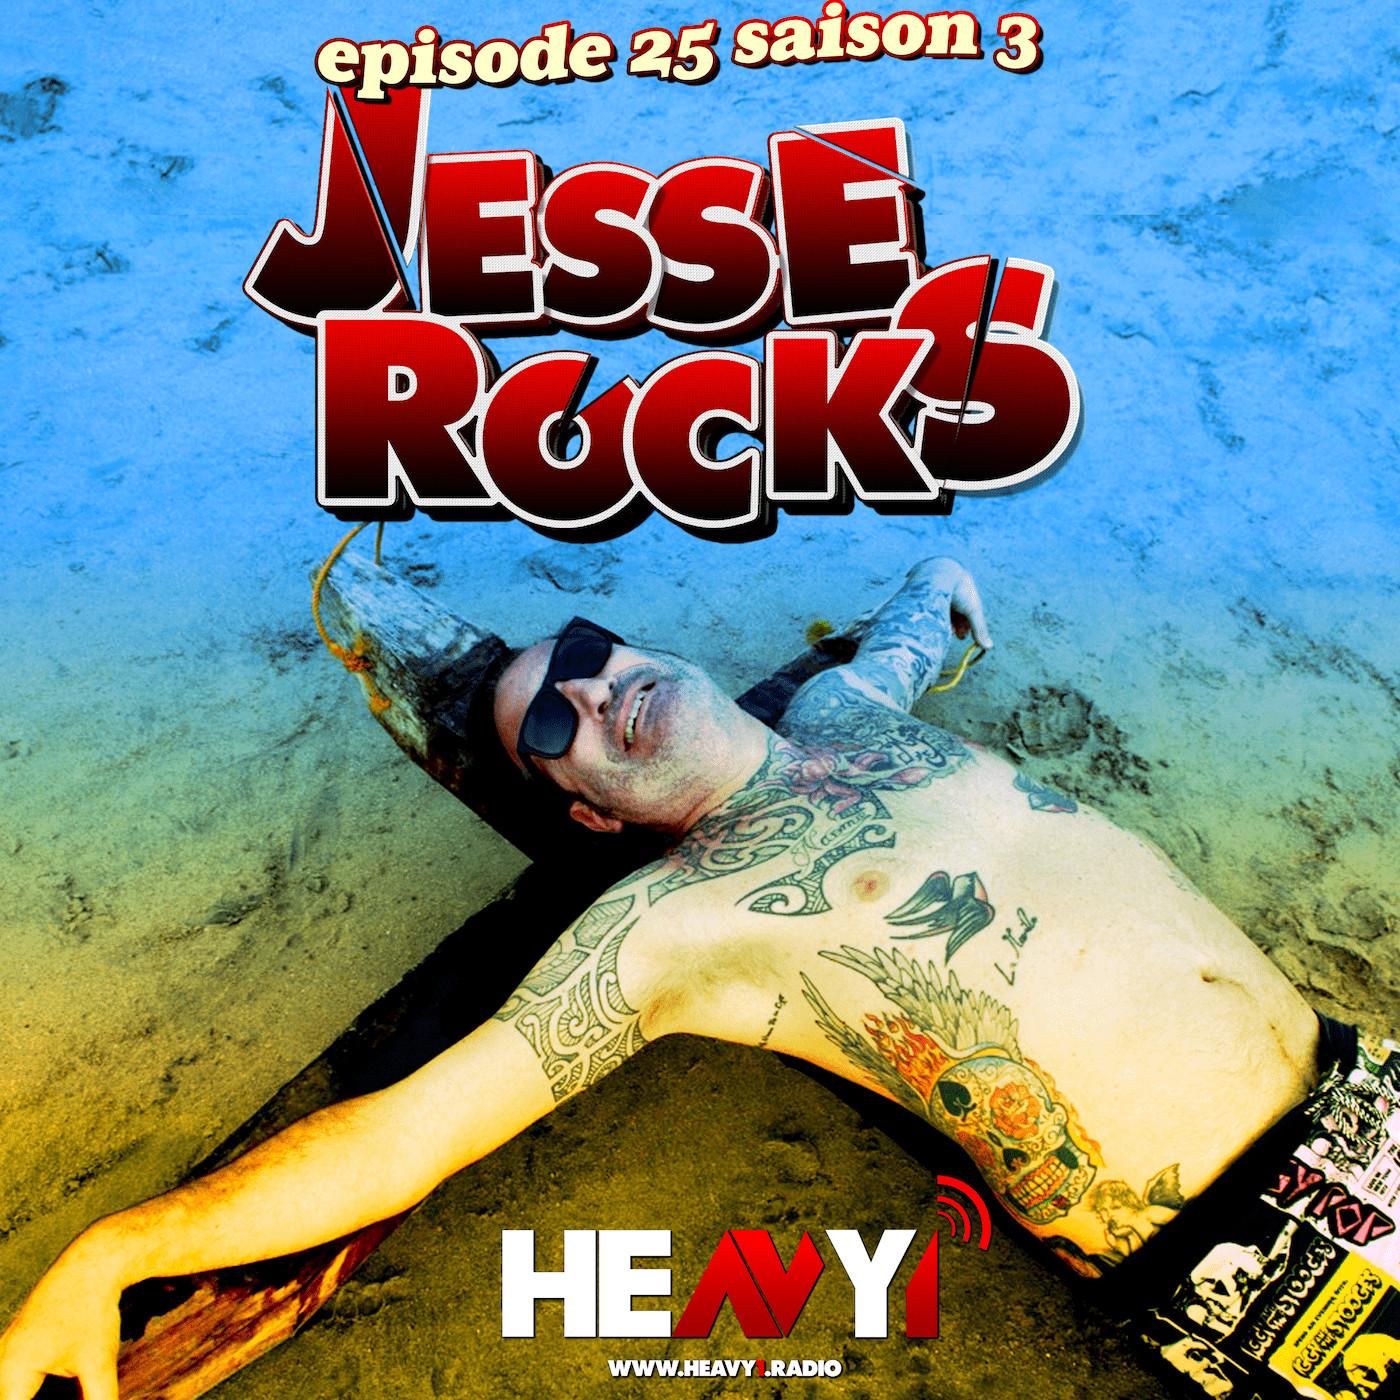 Jesse Rocks #25 Saison 3